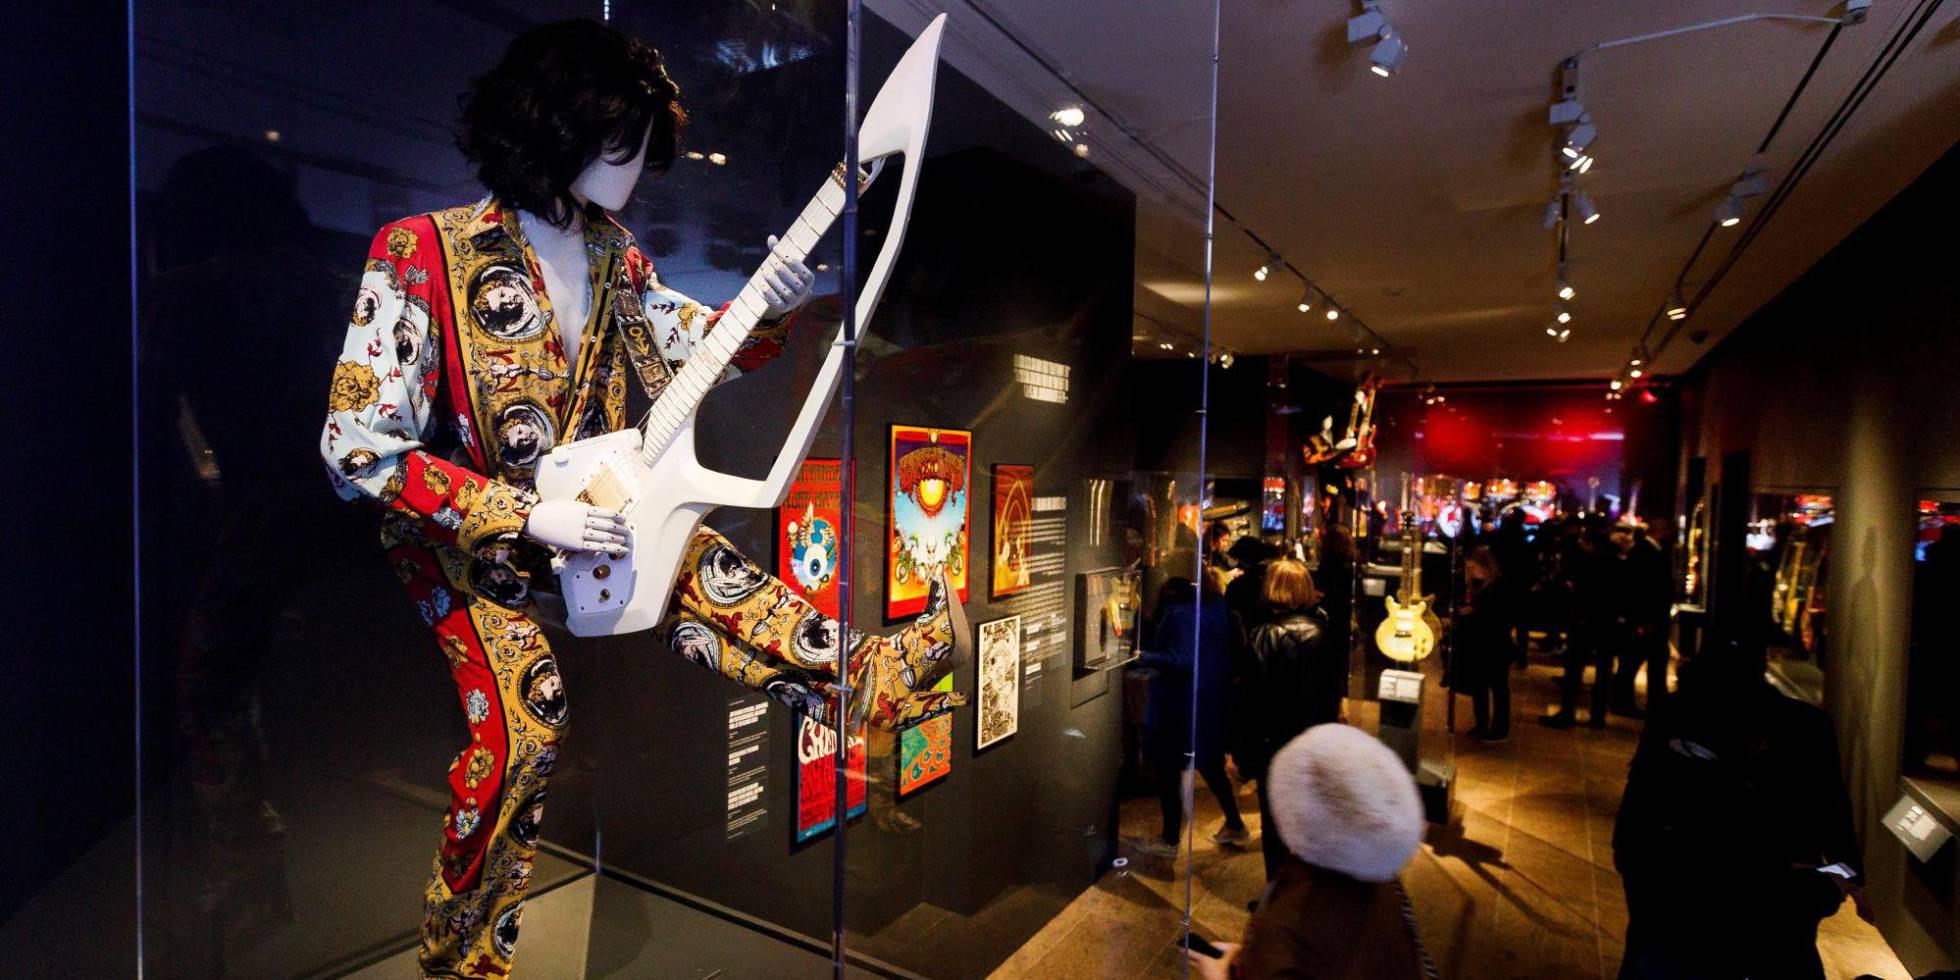 Vista de uma guitarra e um traje usado por Prince durante a vista prévia da exposição 'Play It Loud: Instruments of Rock & Roll' no Museu Metropolitano em Nova York.